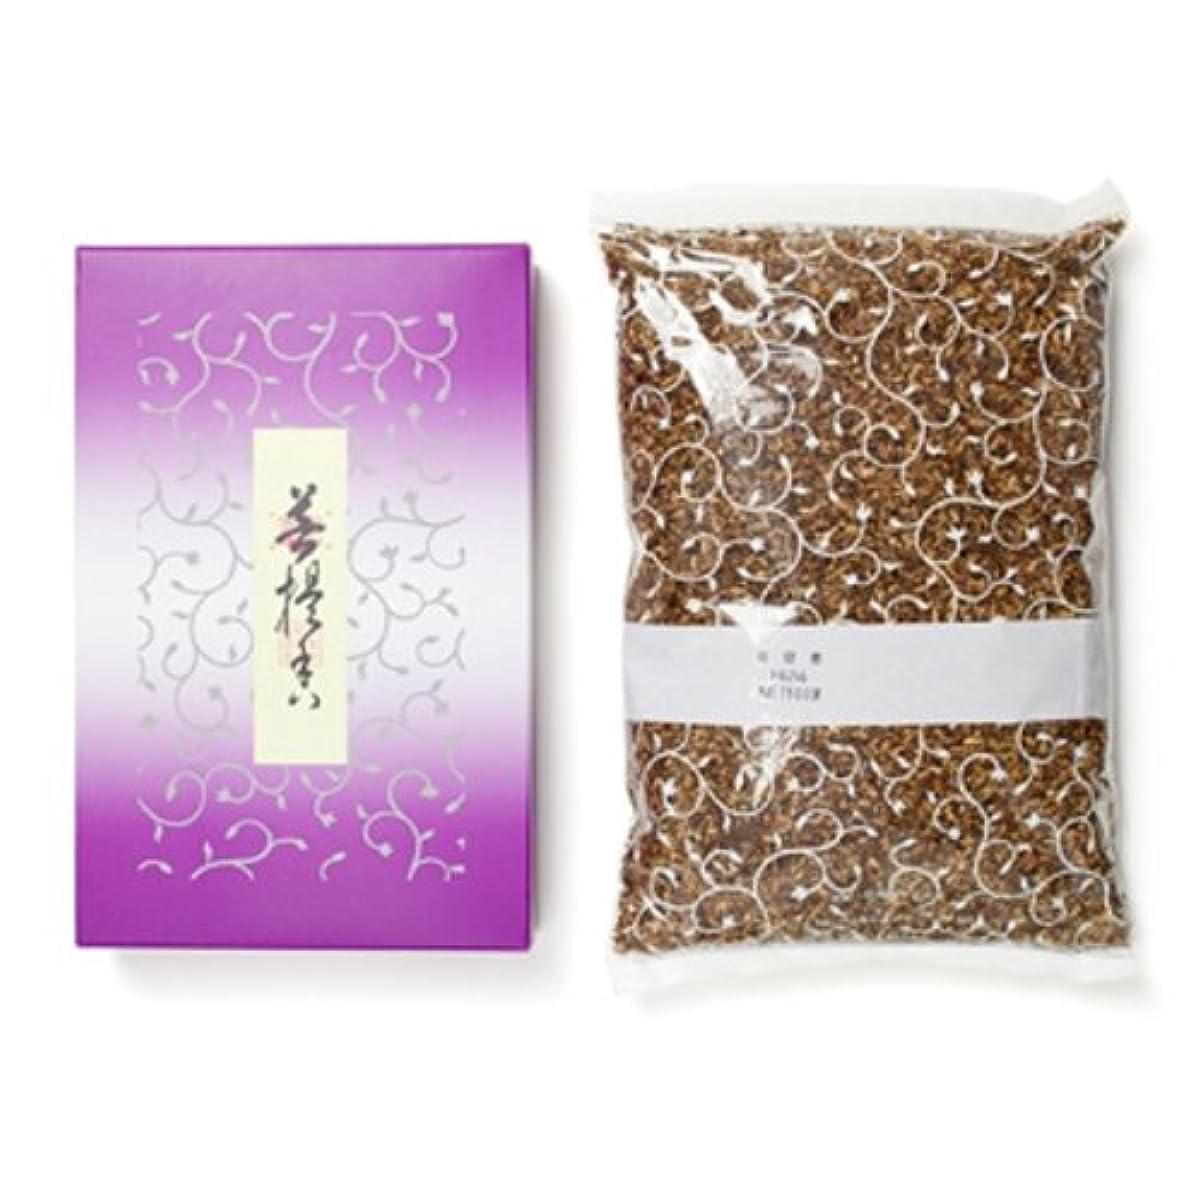 農業手を差し伸べる第五松栄堂のお焼香 菩提香 500g詰 紙箱入 #410411